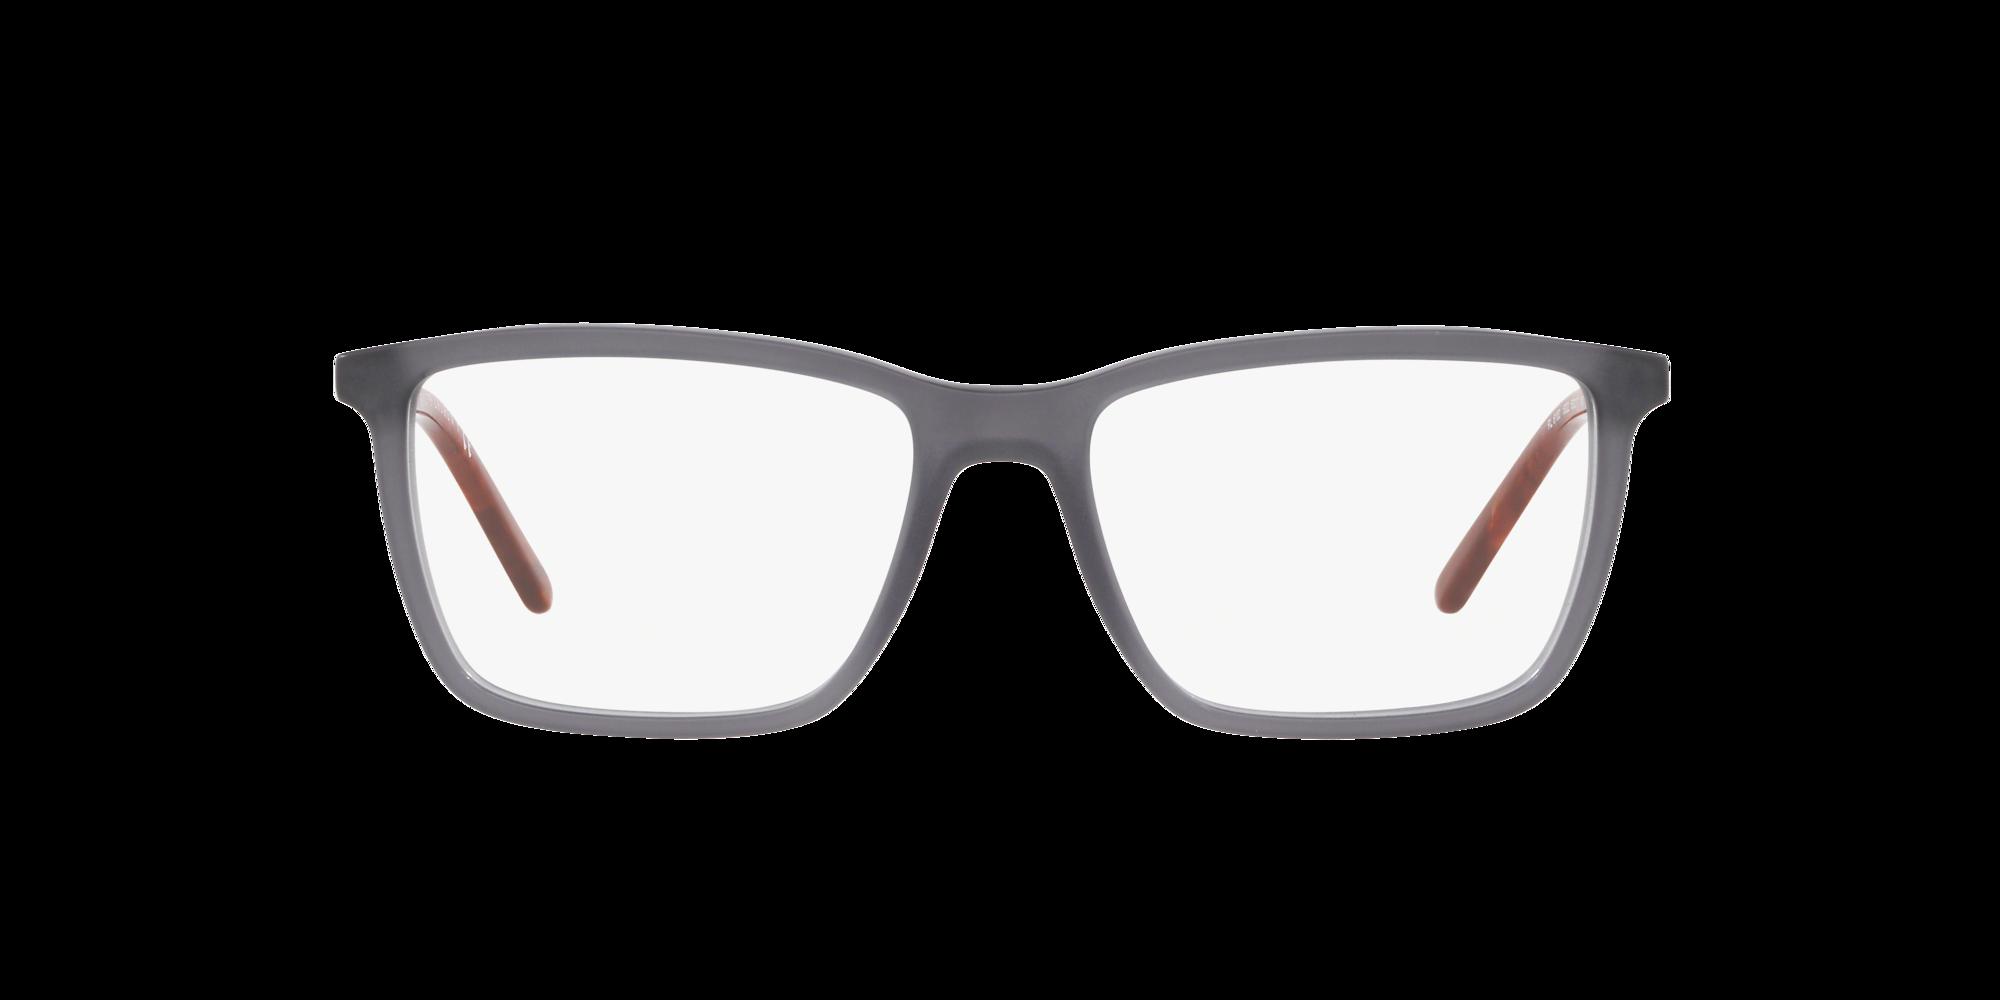 Imagen para RL6183 de LensCrafters    Espejuelos, espejuelos graduados en línea, gafas